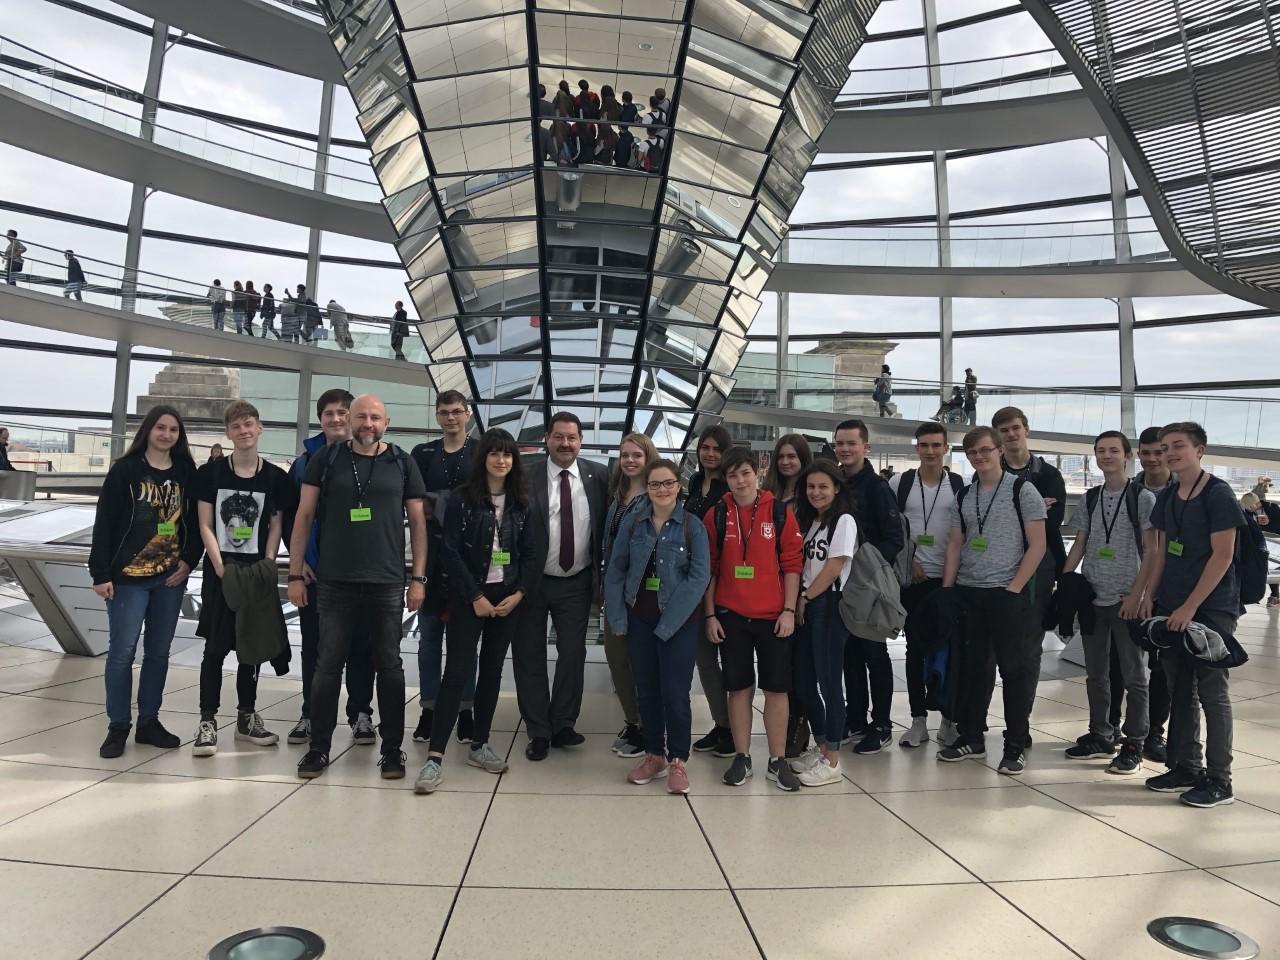 Schülergruppe aus dem Wahlkreis zu Besuch im Bundestag